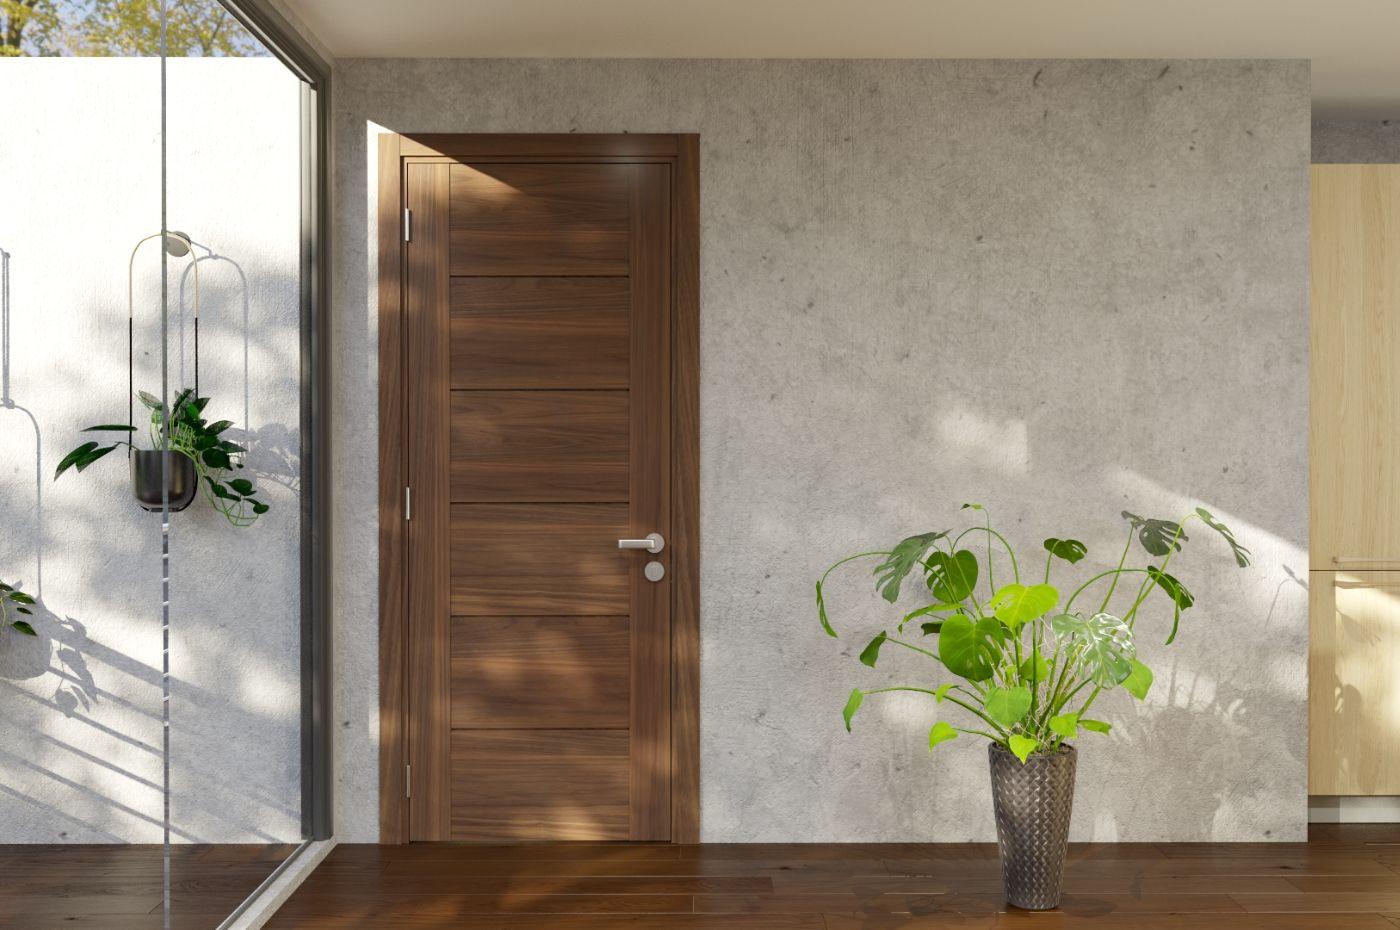 Cửa gỗ thông, cửa gỗ tràm, cửa gỗ thao lao là gì?